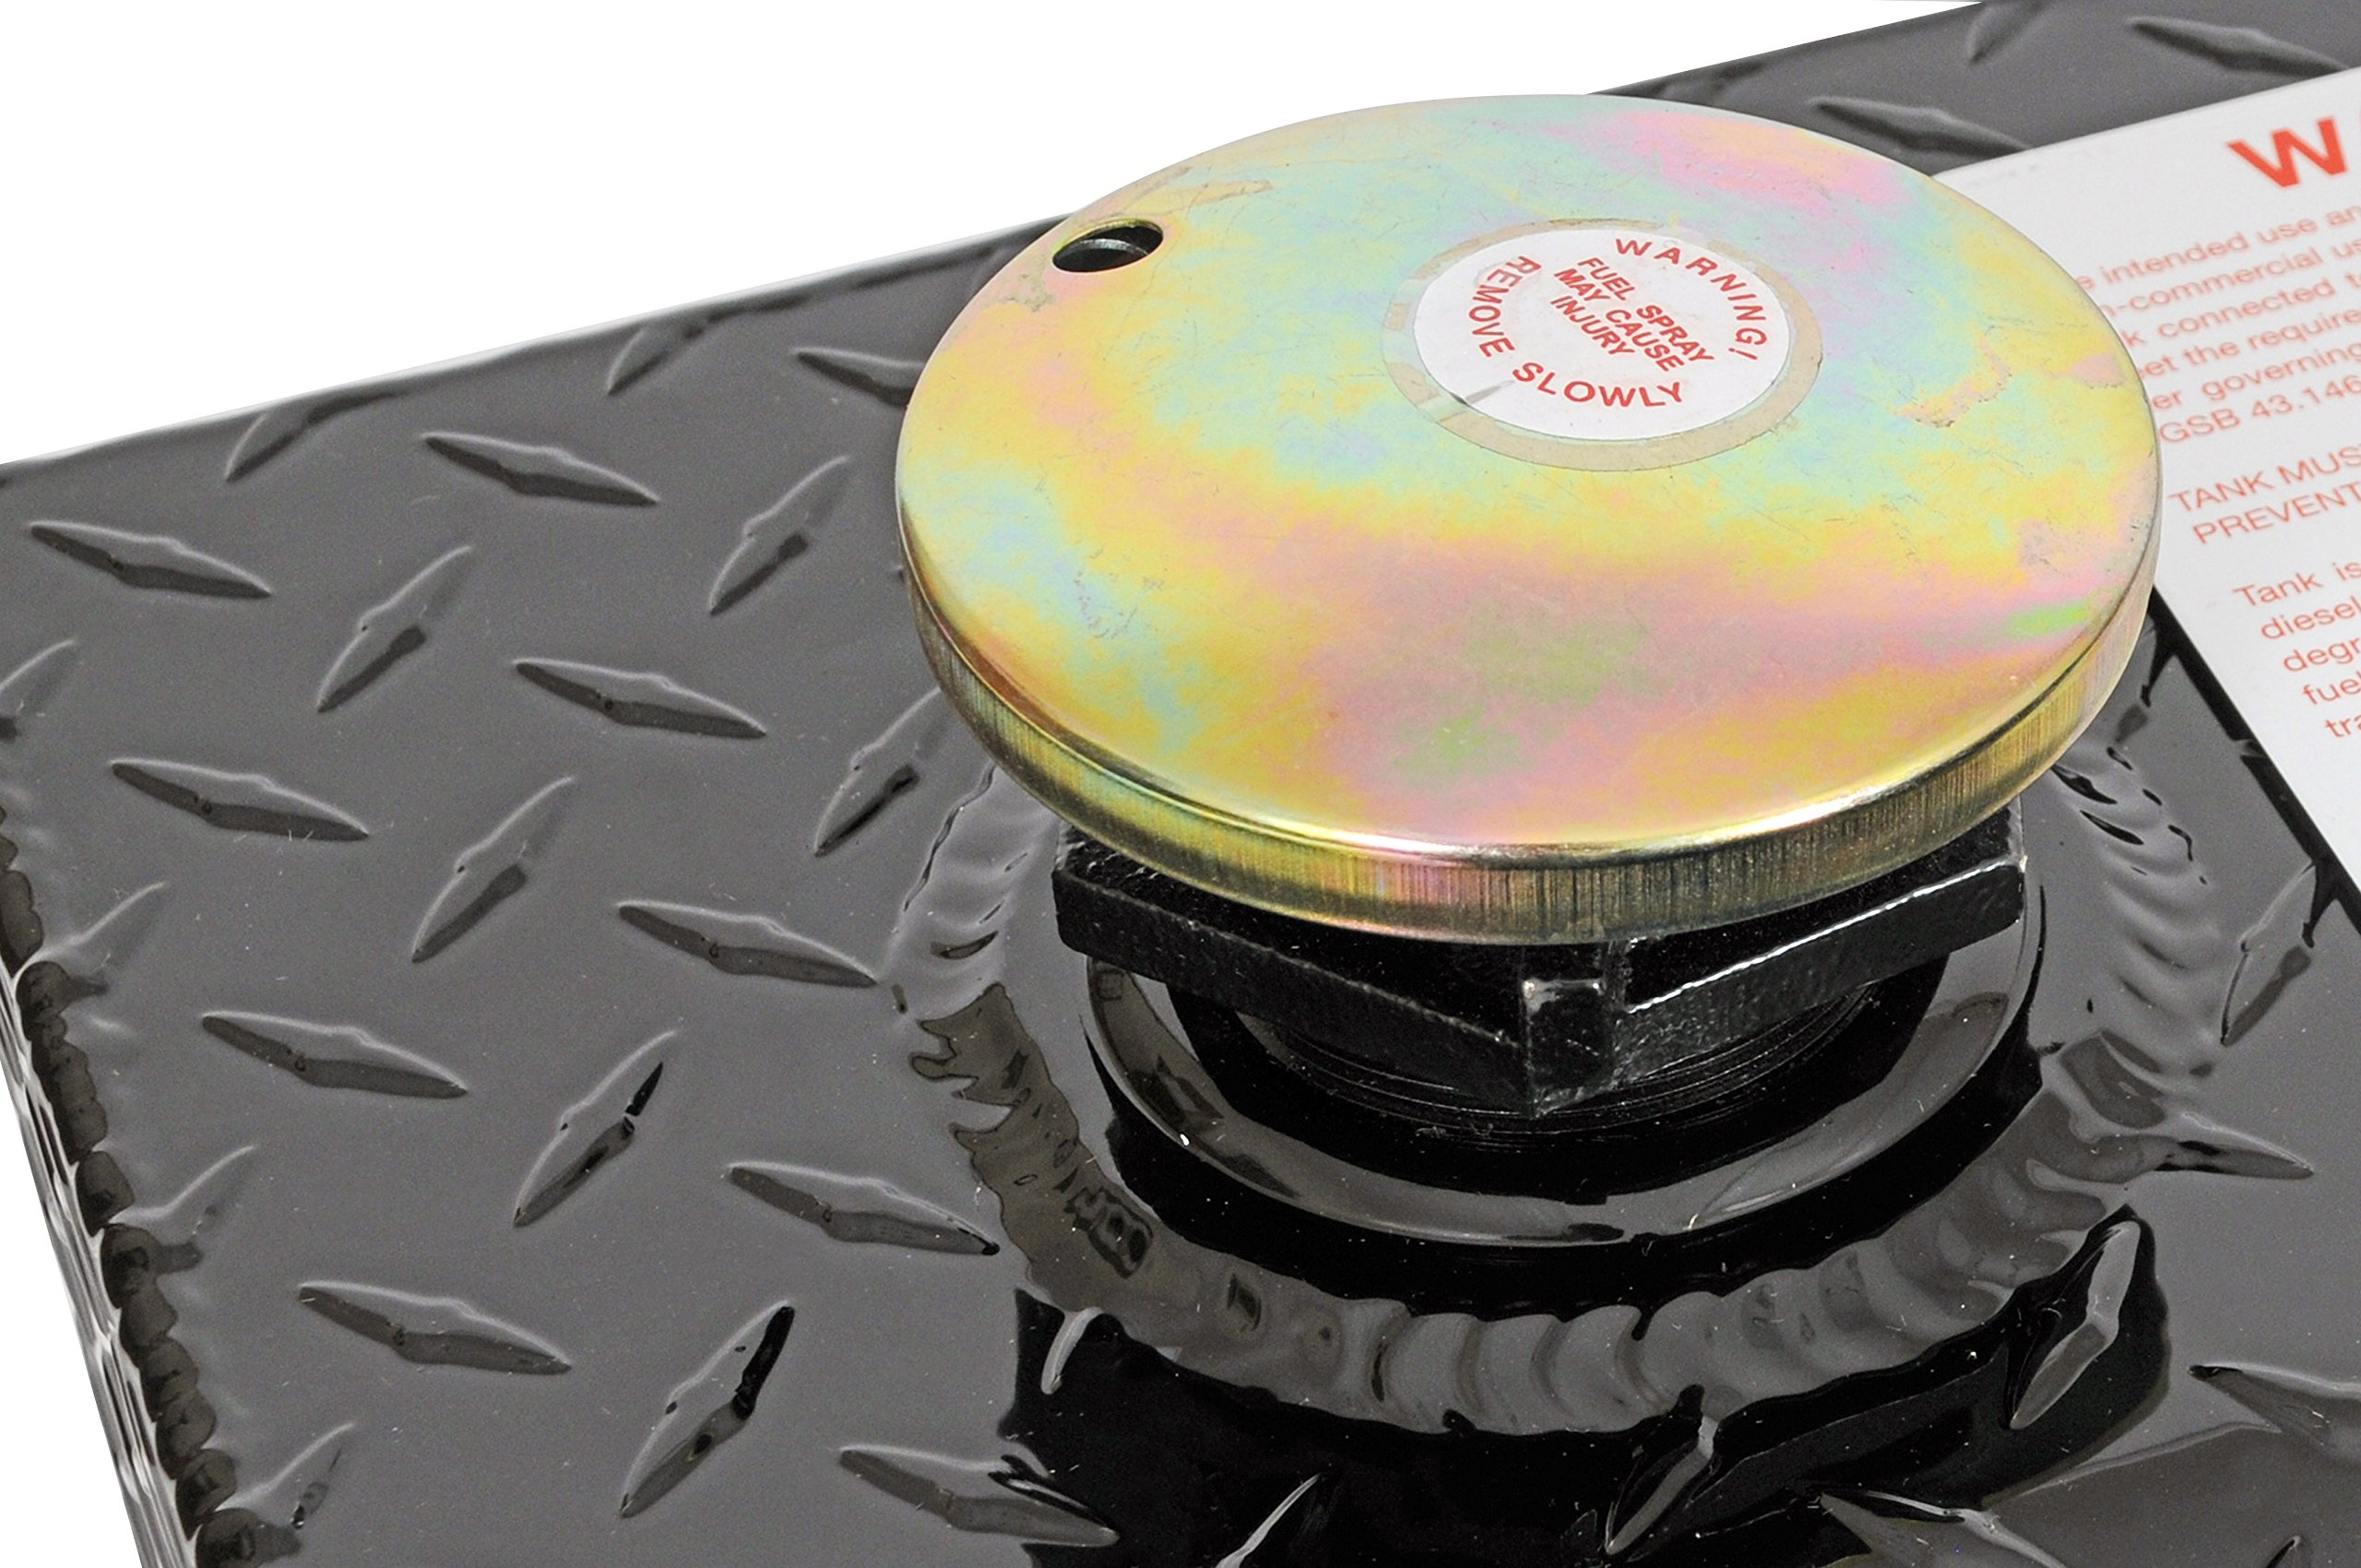 Dee Zee DZ91741XB (80 gallon) Auxiliary Diesel Combo Transfer Tank & Tool Box - Black Aluminum by Dee Zee (Image #5)